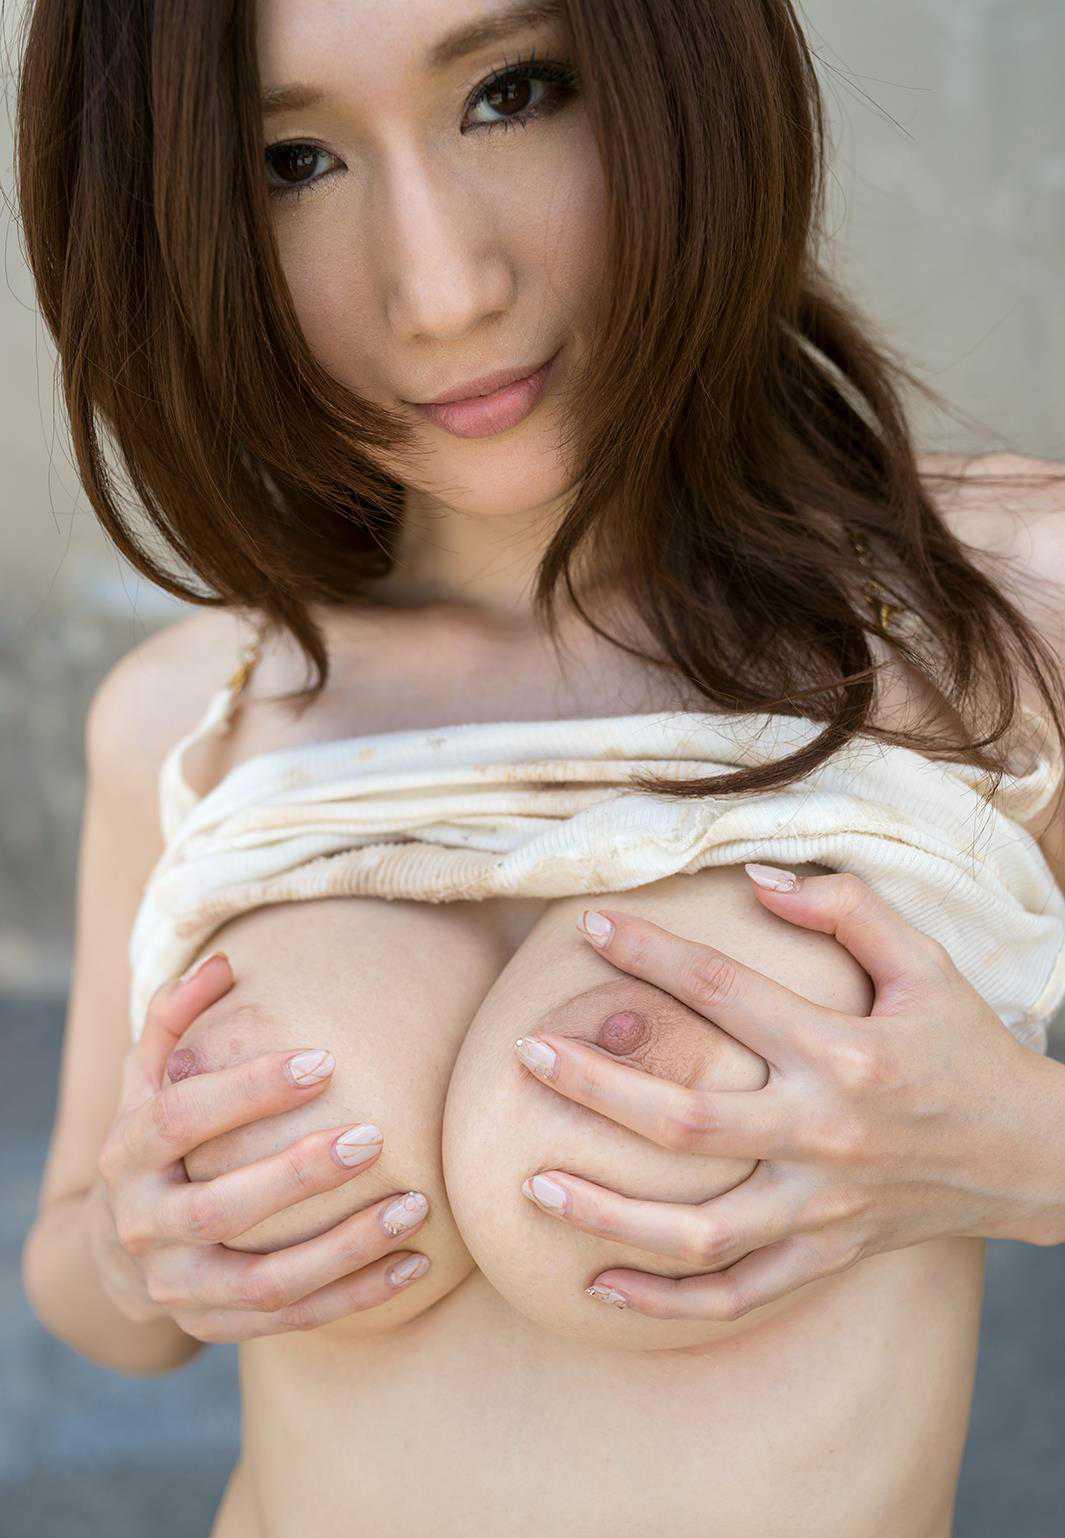 デカい巨乳の、JULIA (20)